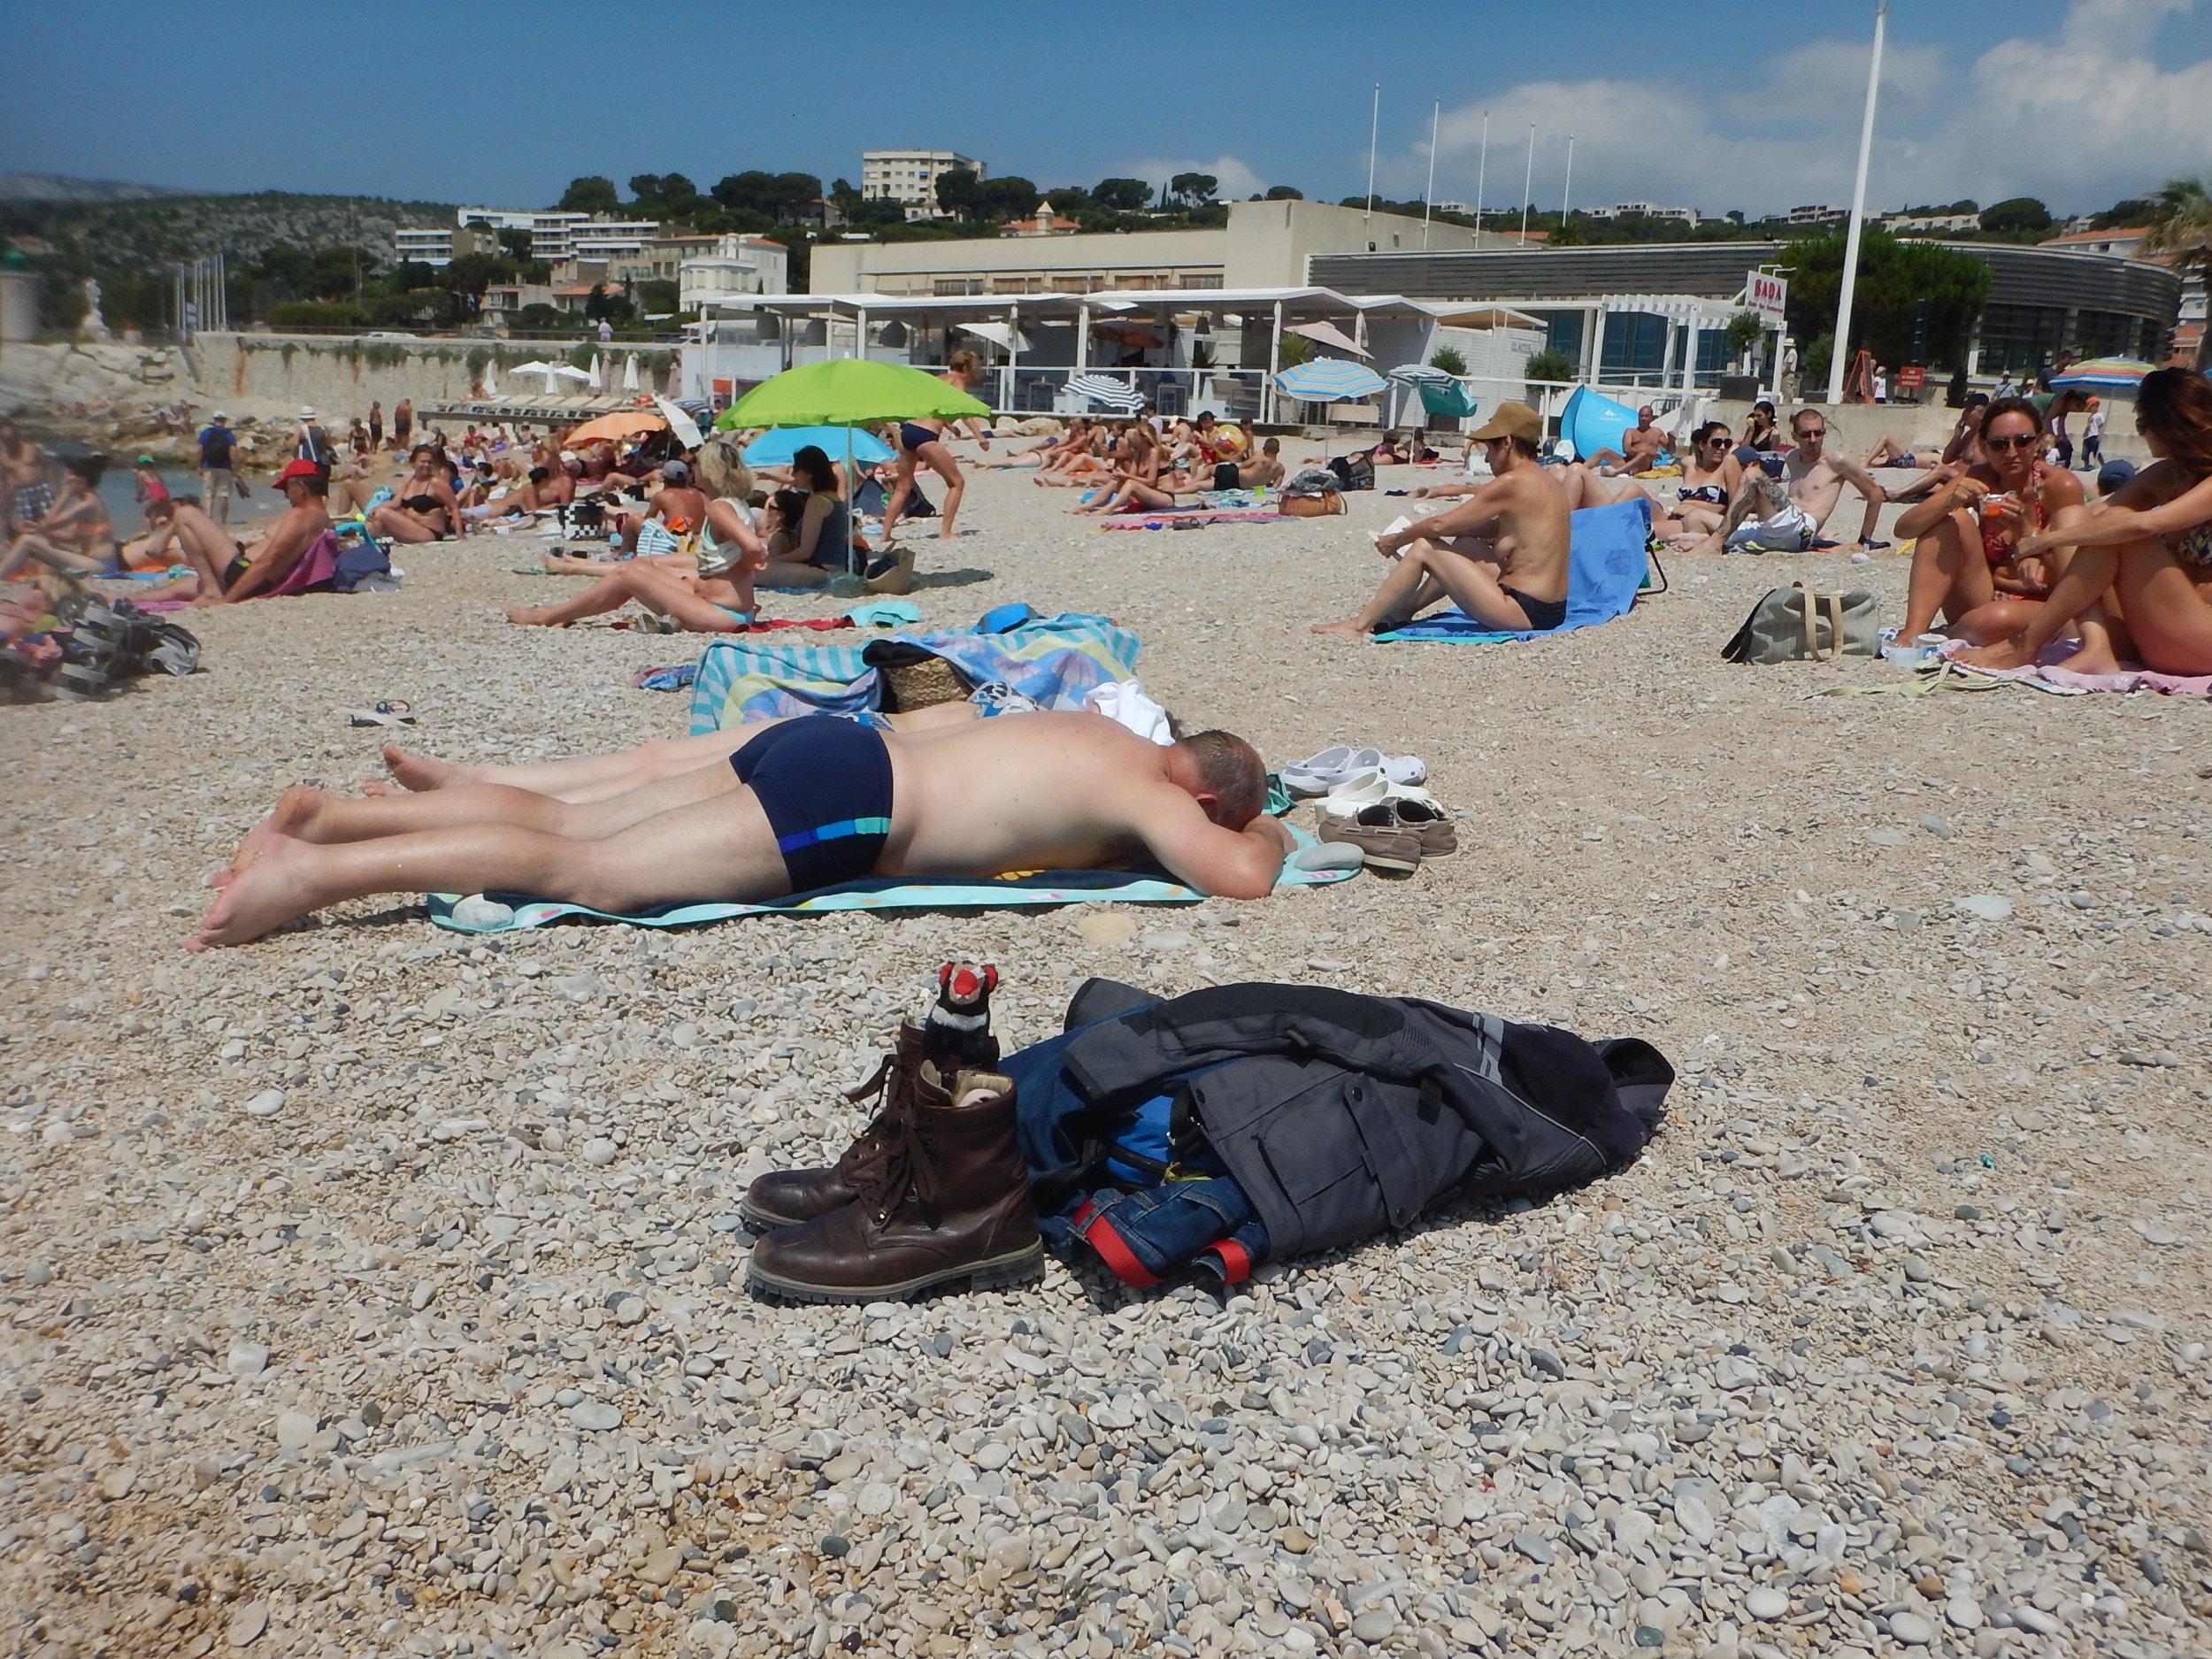 Another very popular pebbly beach. Harri on duty again.